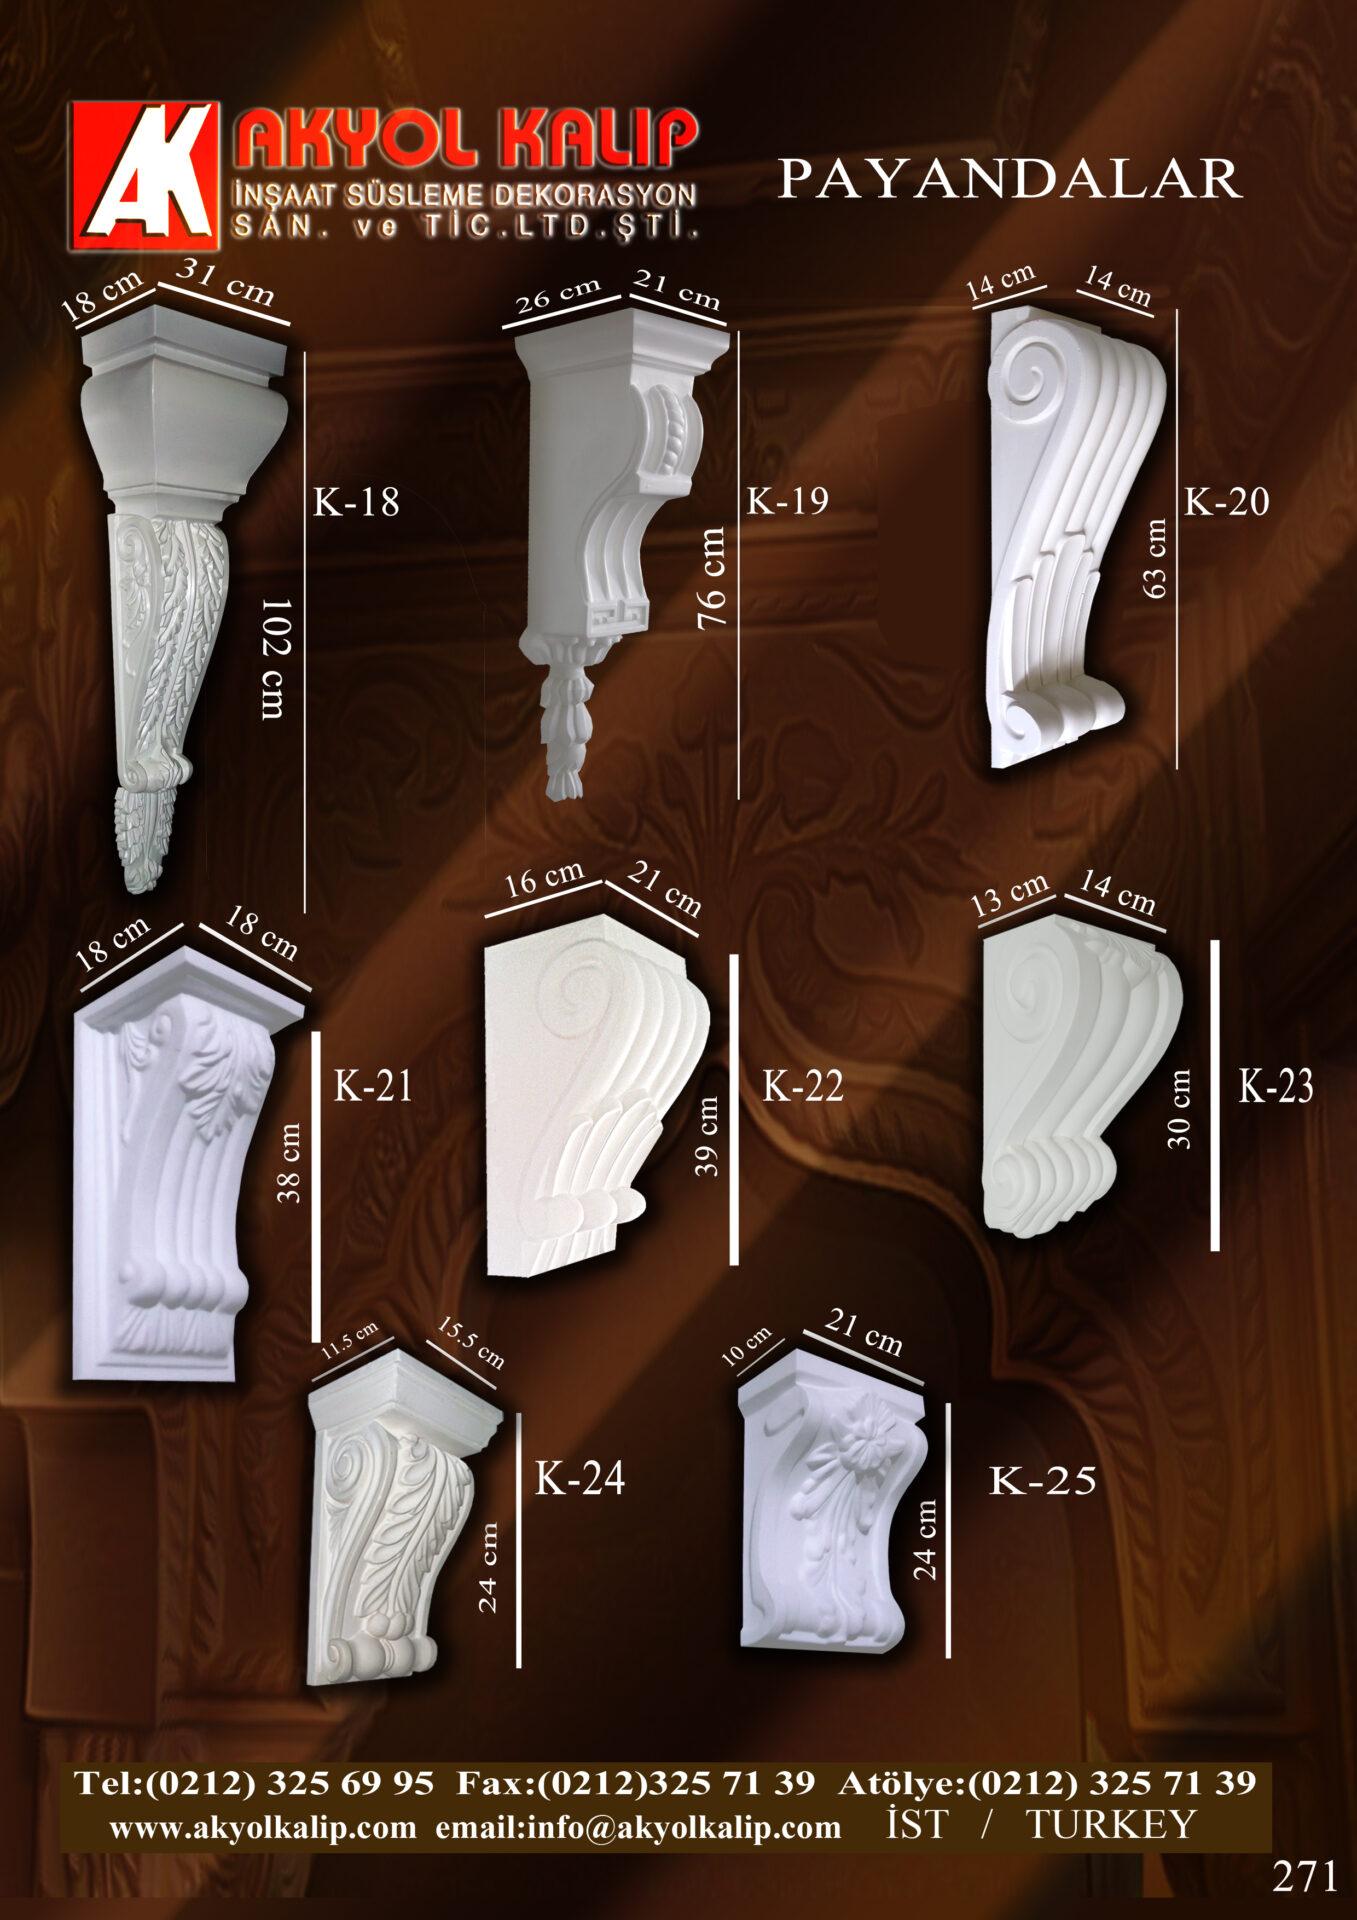 polyester kalıp + alçı kalıp, dış cephe prekast kalıpları +alçı kalıp imalatı, jumba altı kalıpları, cumba altı kalıpları + modelleri, kartonpiyer kalıpları, tavan kaplama modelleri, PAYANDA, PAYANDA KALIP, PAYANDA MODELİ, PAYANDA ÇEŞİTLERİ, PAYANDA ALÇI KALIPLARI, PAYANDA POLYESTER KALIP, SİLİKON PAYANDA KALIPLARI, DIŞ CEPHE PAYANDASI, ZIMPARA, ALÇI ZIMPARASI, KARTONPİYER ZIMPARASI, SÖVE İMALATI, PREKAST DÖKÜM, KATSİLME, Desenli Kartonpiyer Fiyatı, İç Mekan Ürünü Desenli, POLYESTERCİLER, PROFİL, ASMA TAVAN, FİBER DÖKÜM, POLYESTER DÖKÜM, ELYAF, BOYA FIRÇASI